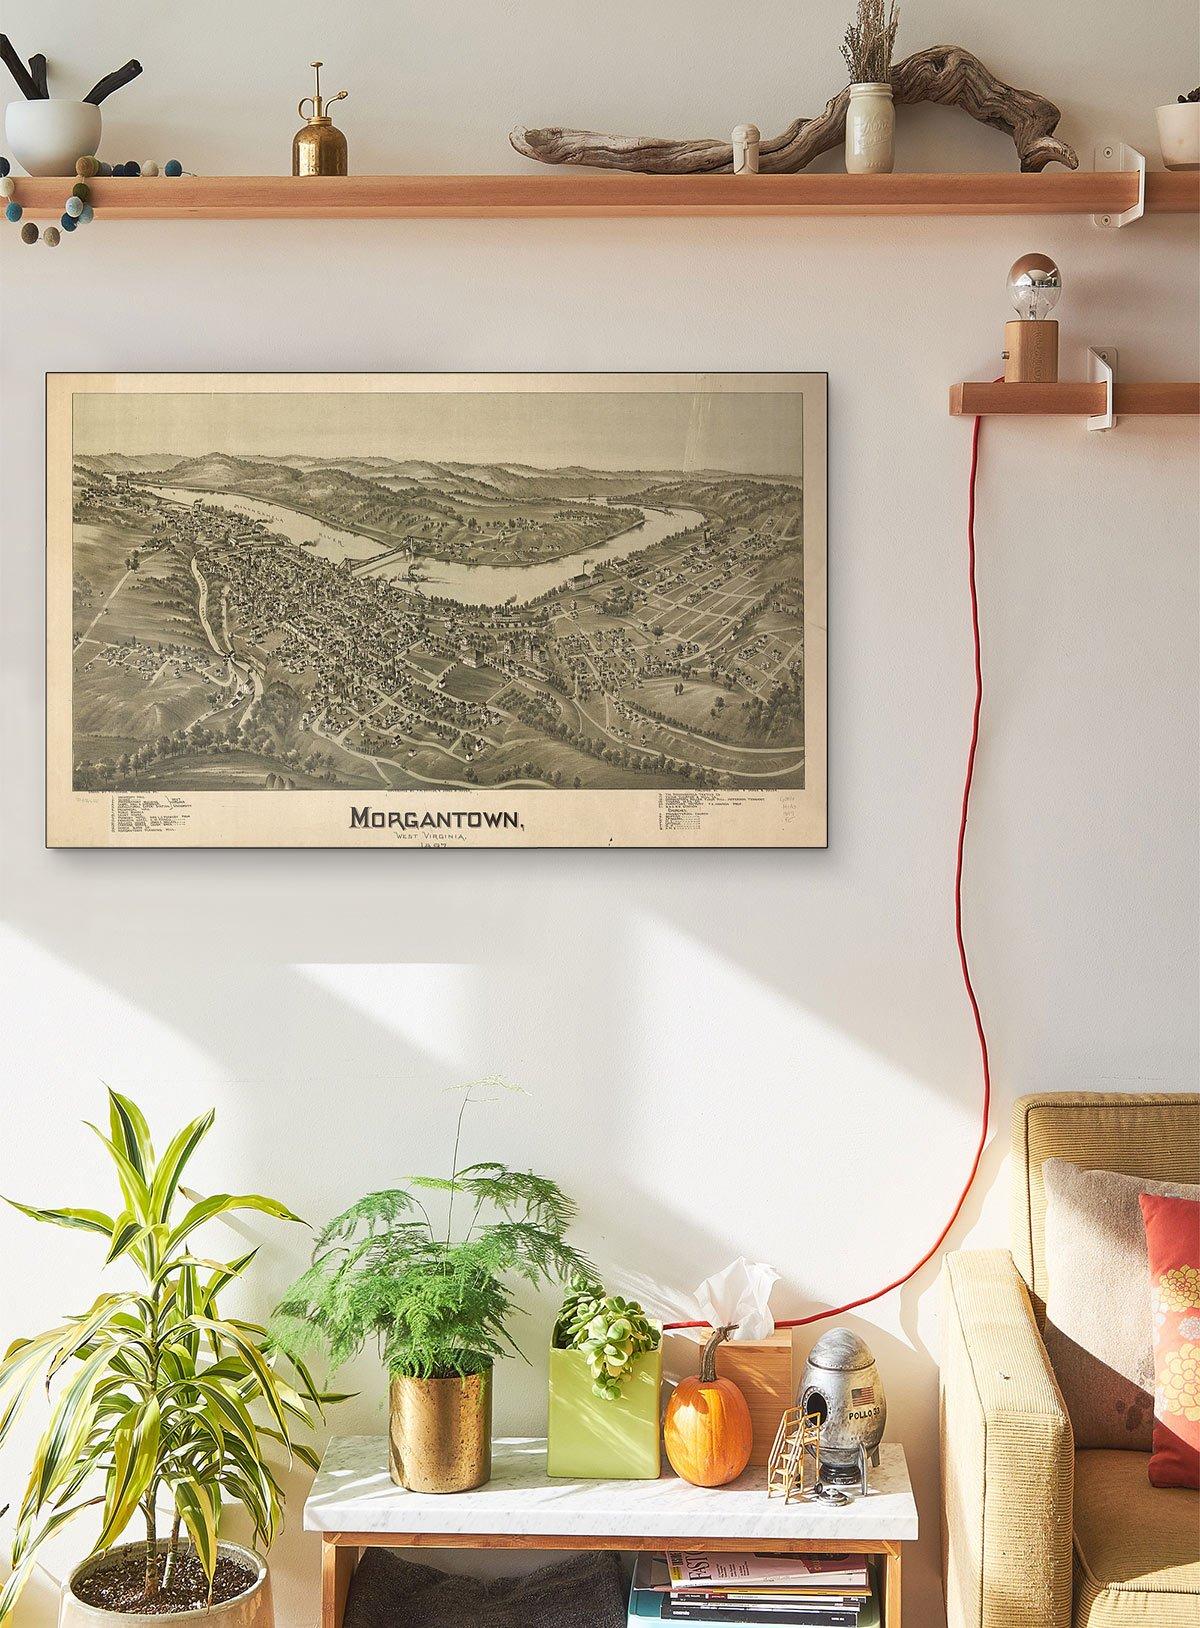 Morgantown West Virginia 1897 LARGE Vintage Map